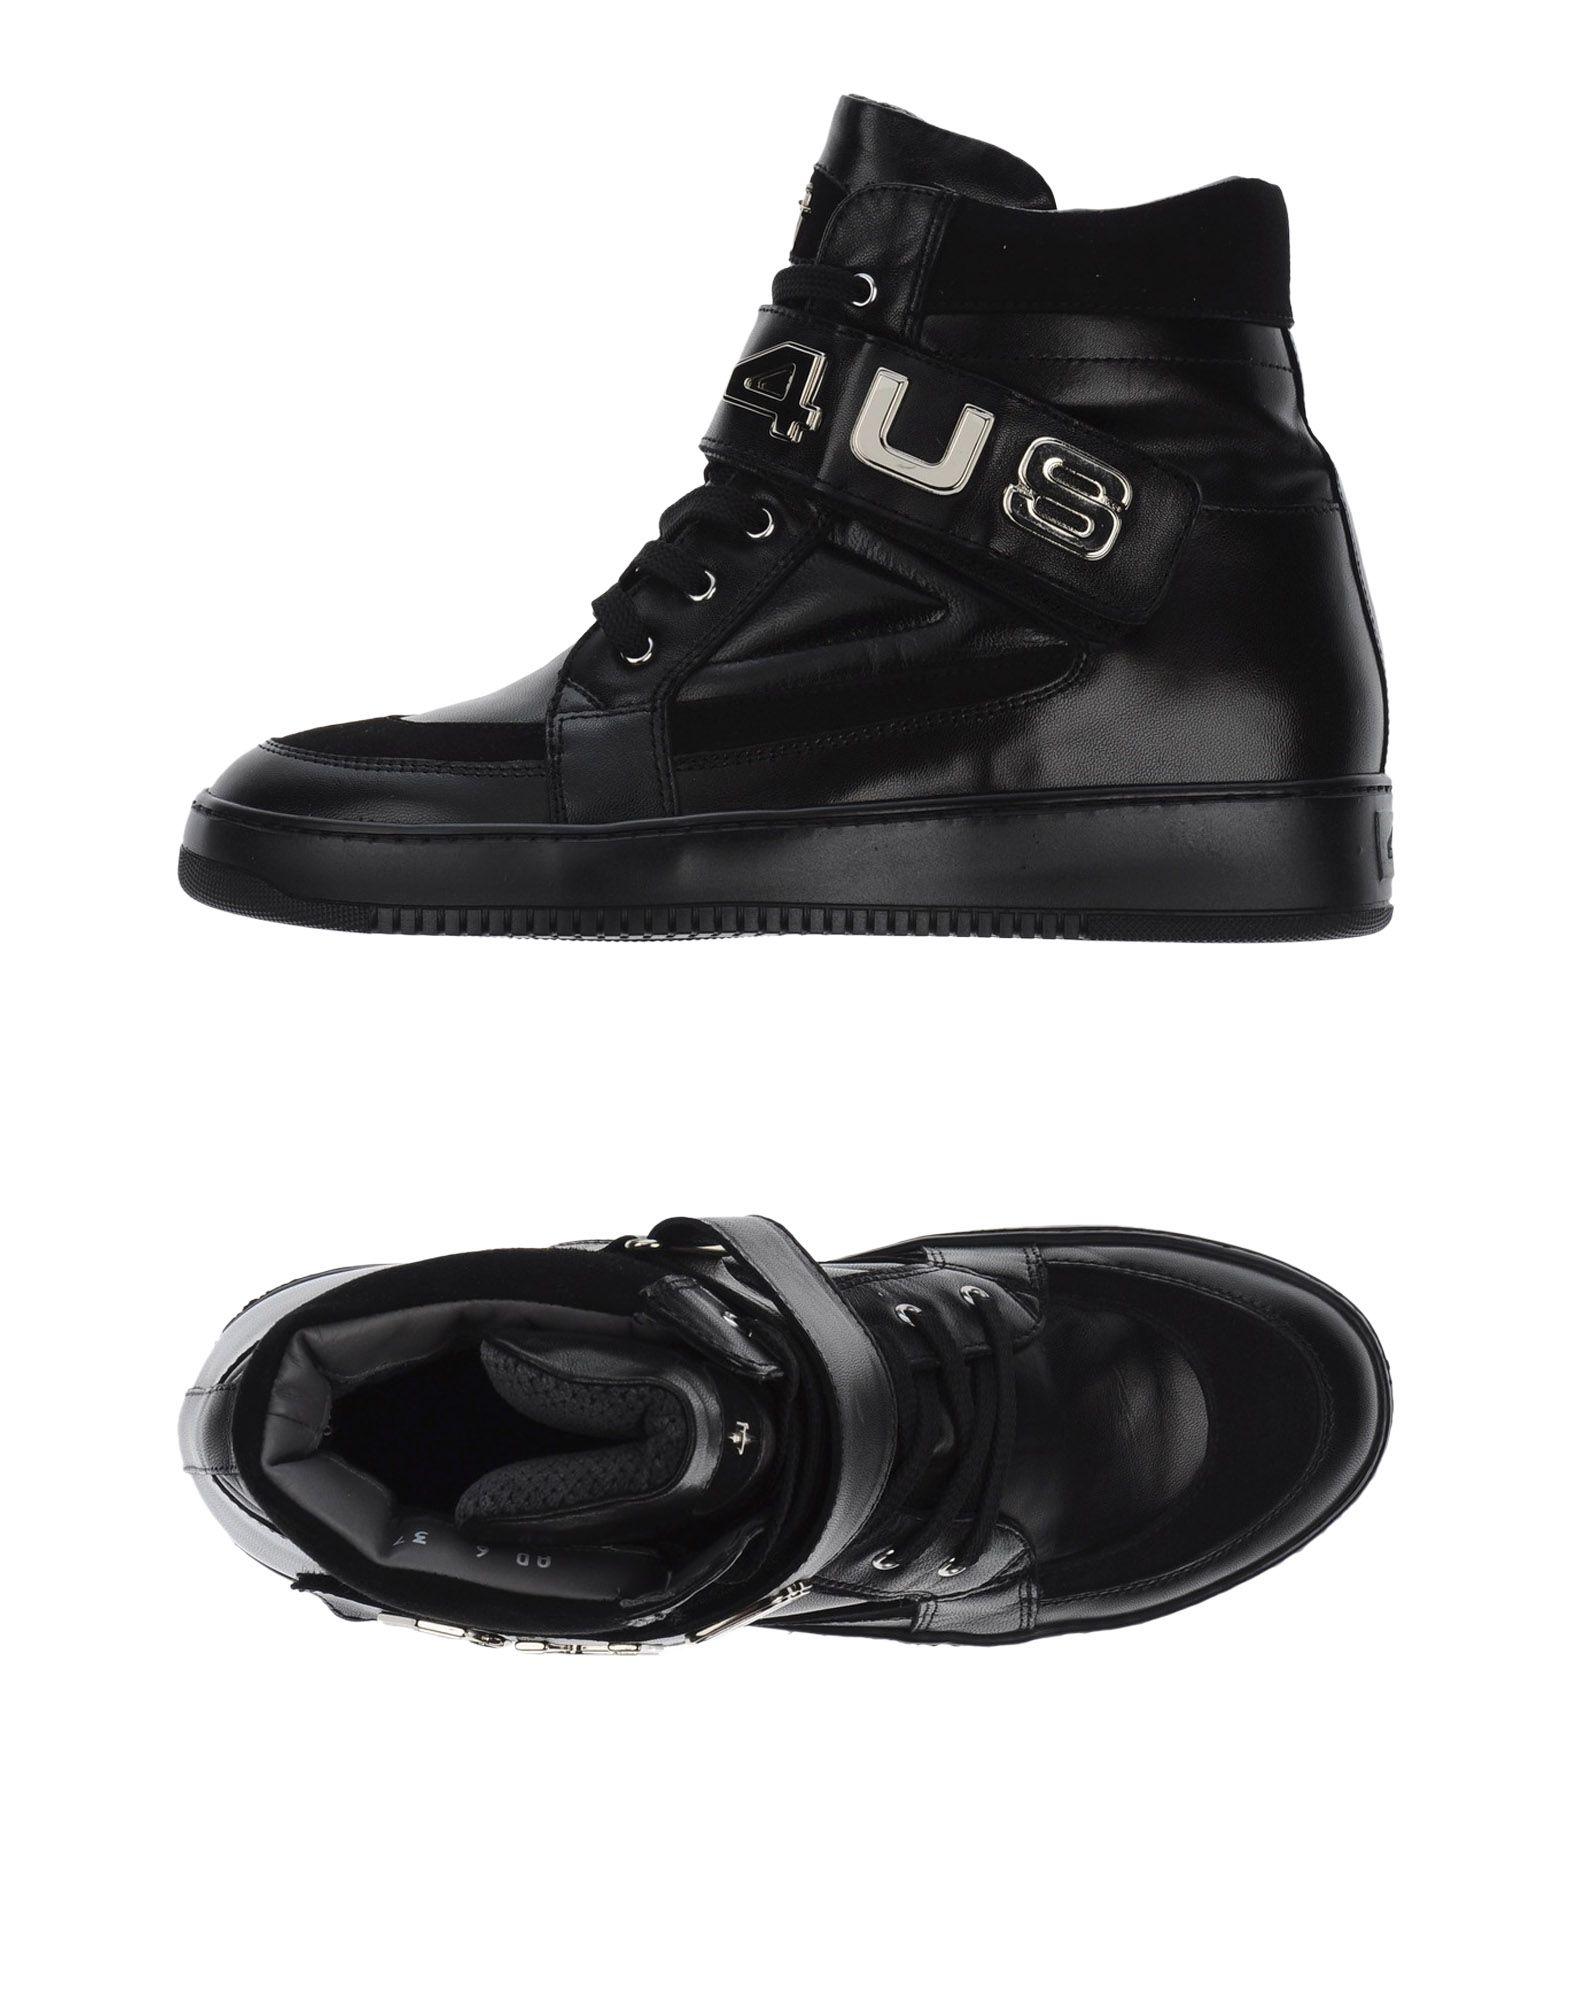 Baskets Cesare Paciotti 4Us Femme - Baskets Cesare Paciotti 4Us Noir Chaussures casual sauvages